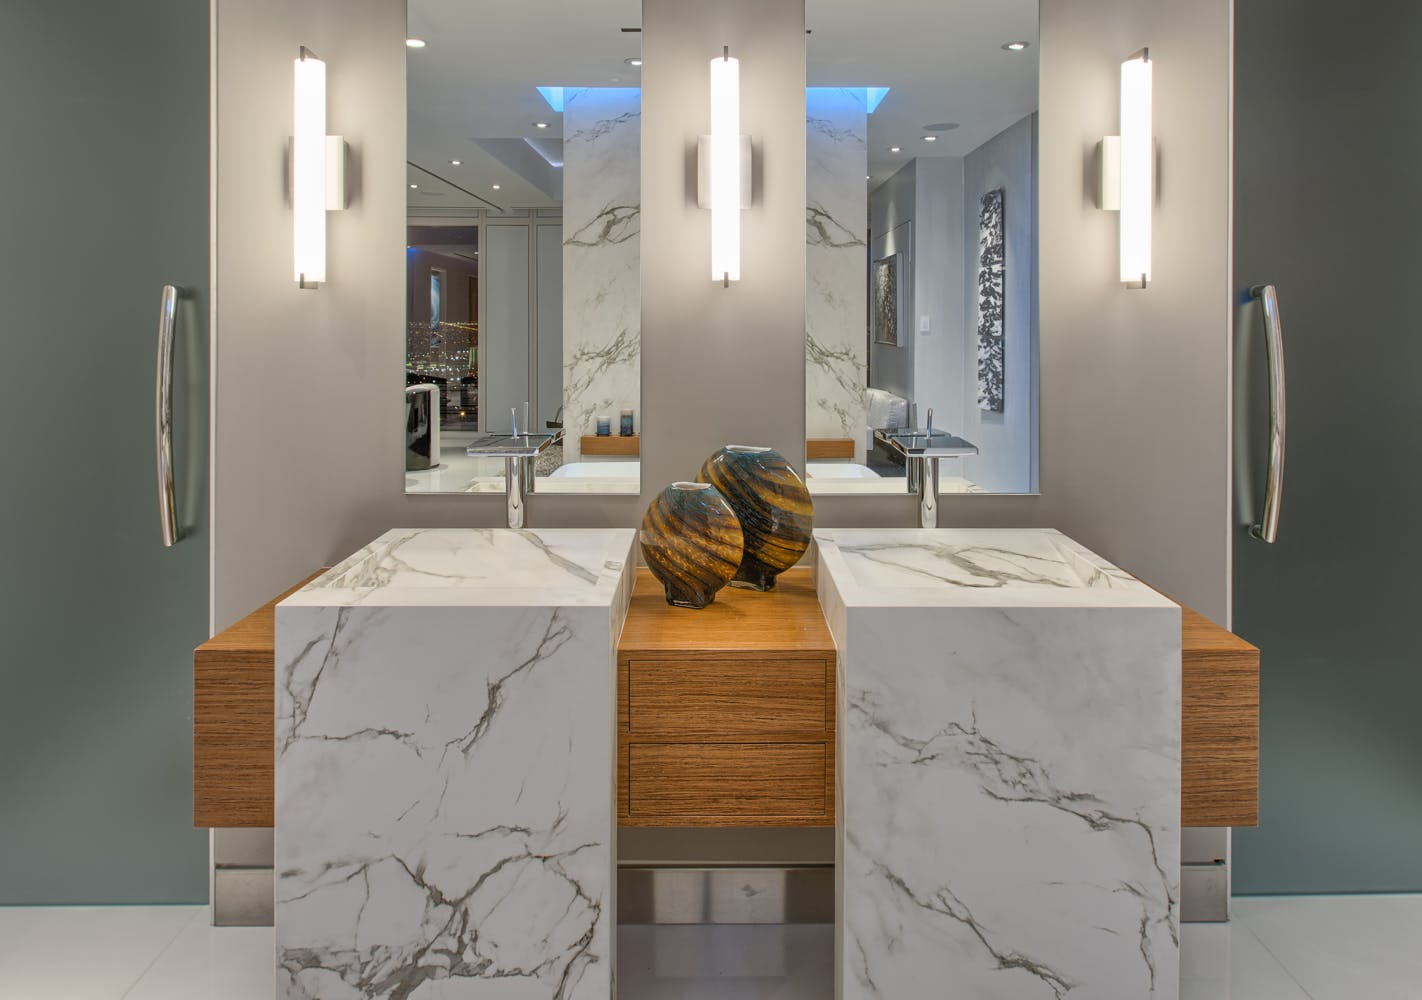 Salles de bains de designer aux matériaux uniques  - Soluciones Customizadas 38